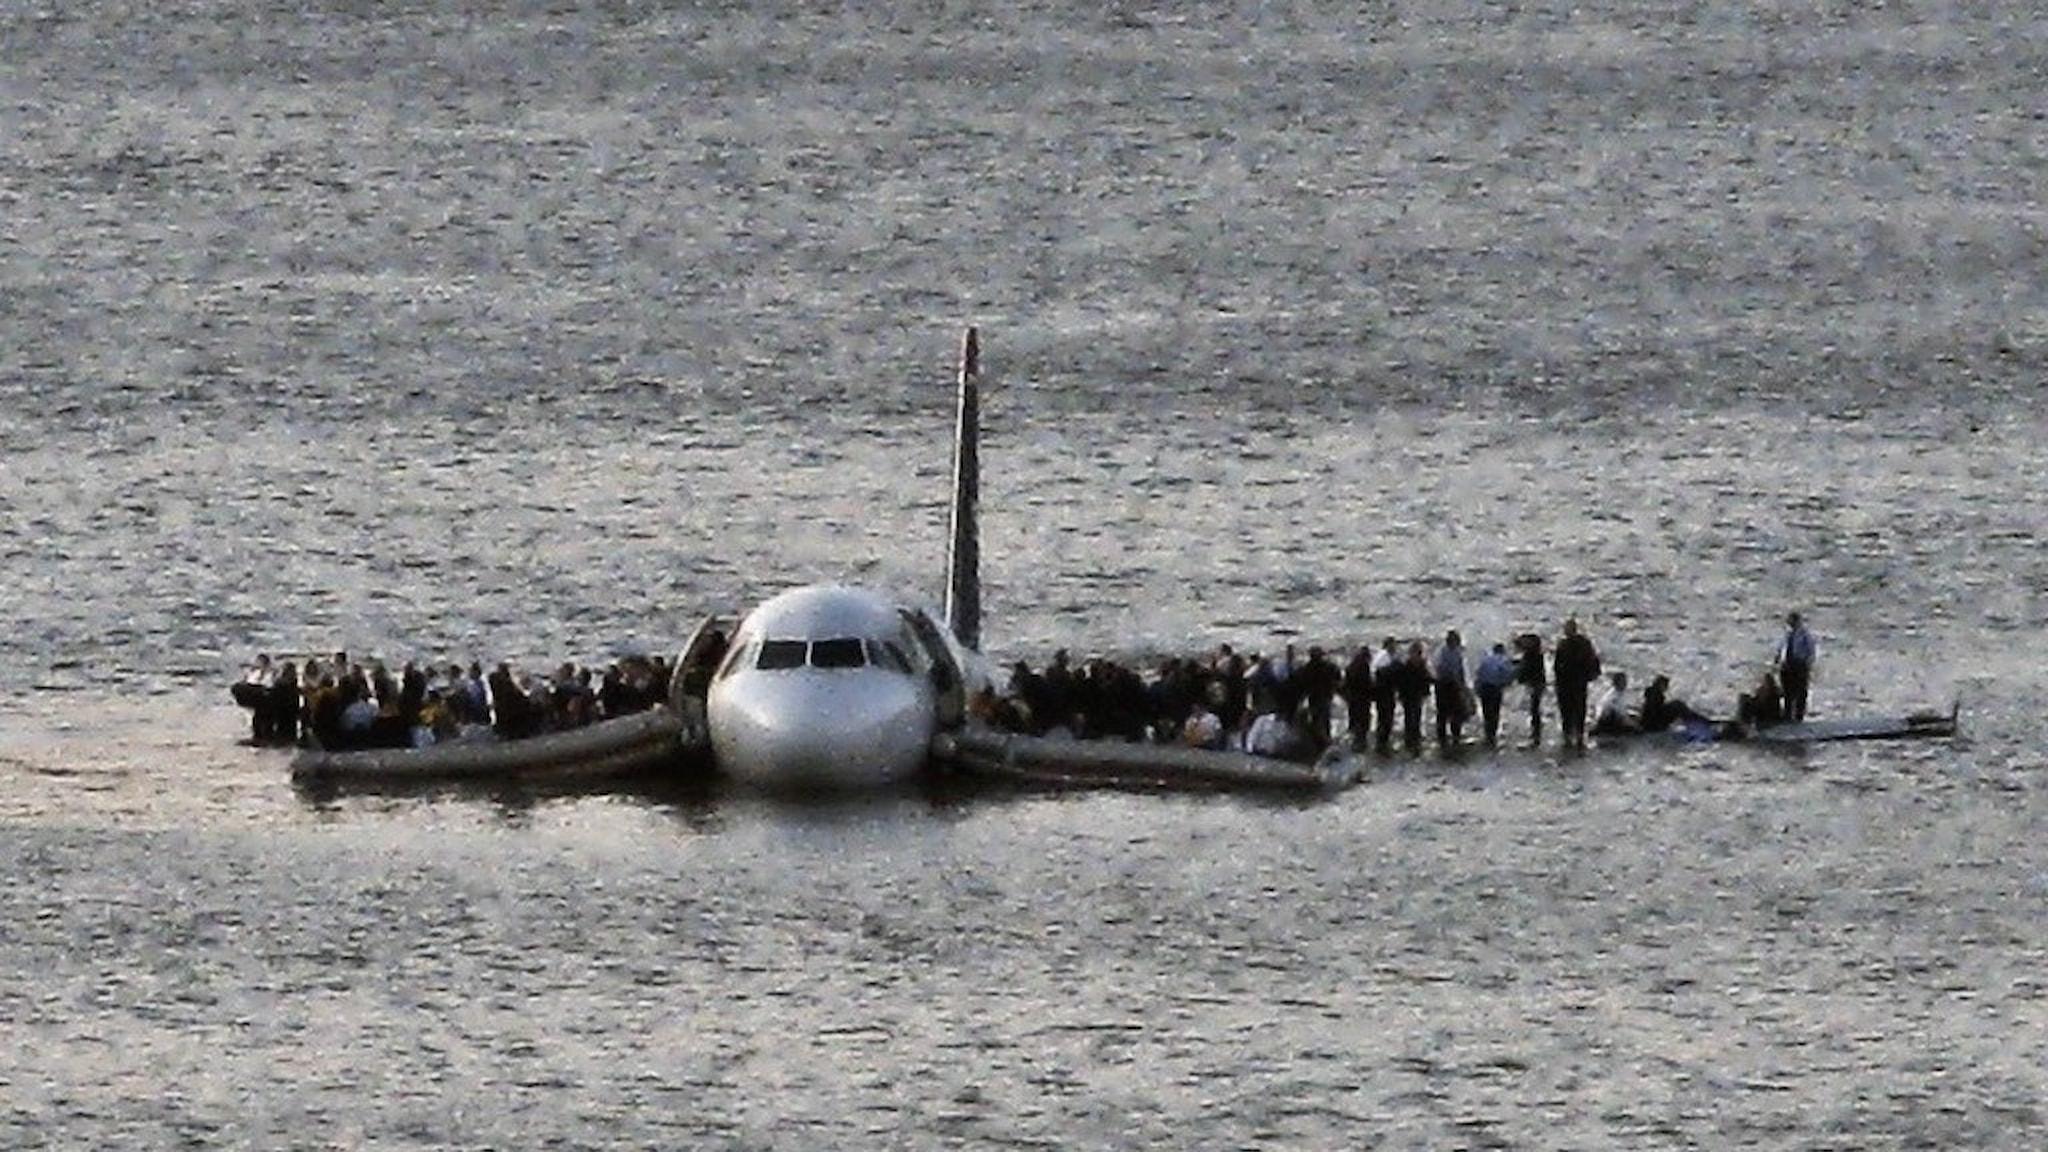 Flygplanspassagerare väntar på att bli uppplockade efter nödlandning på Hudsonfloden.